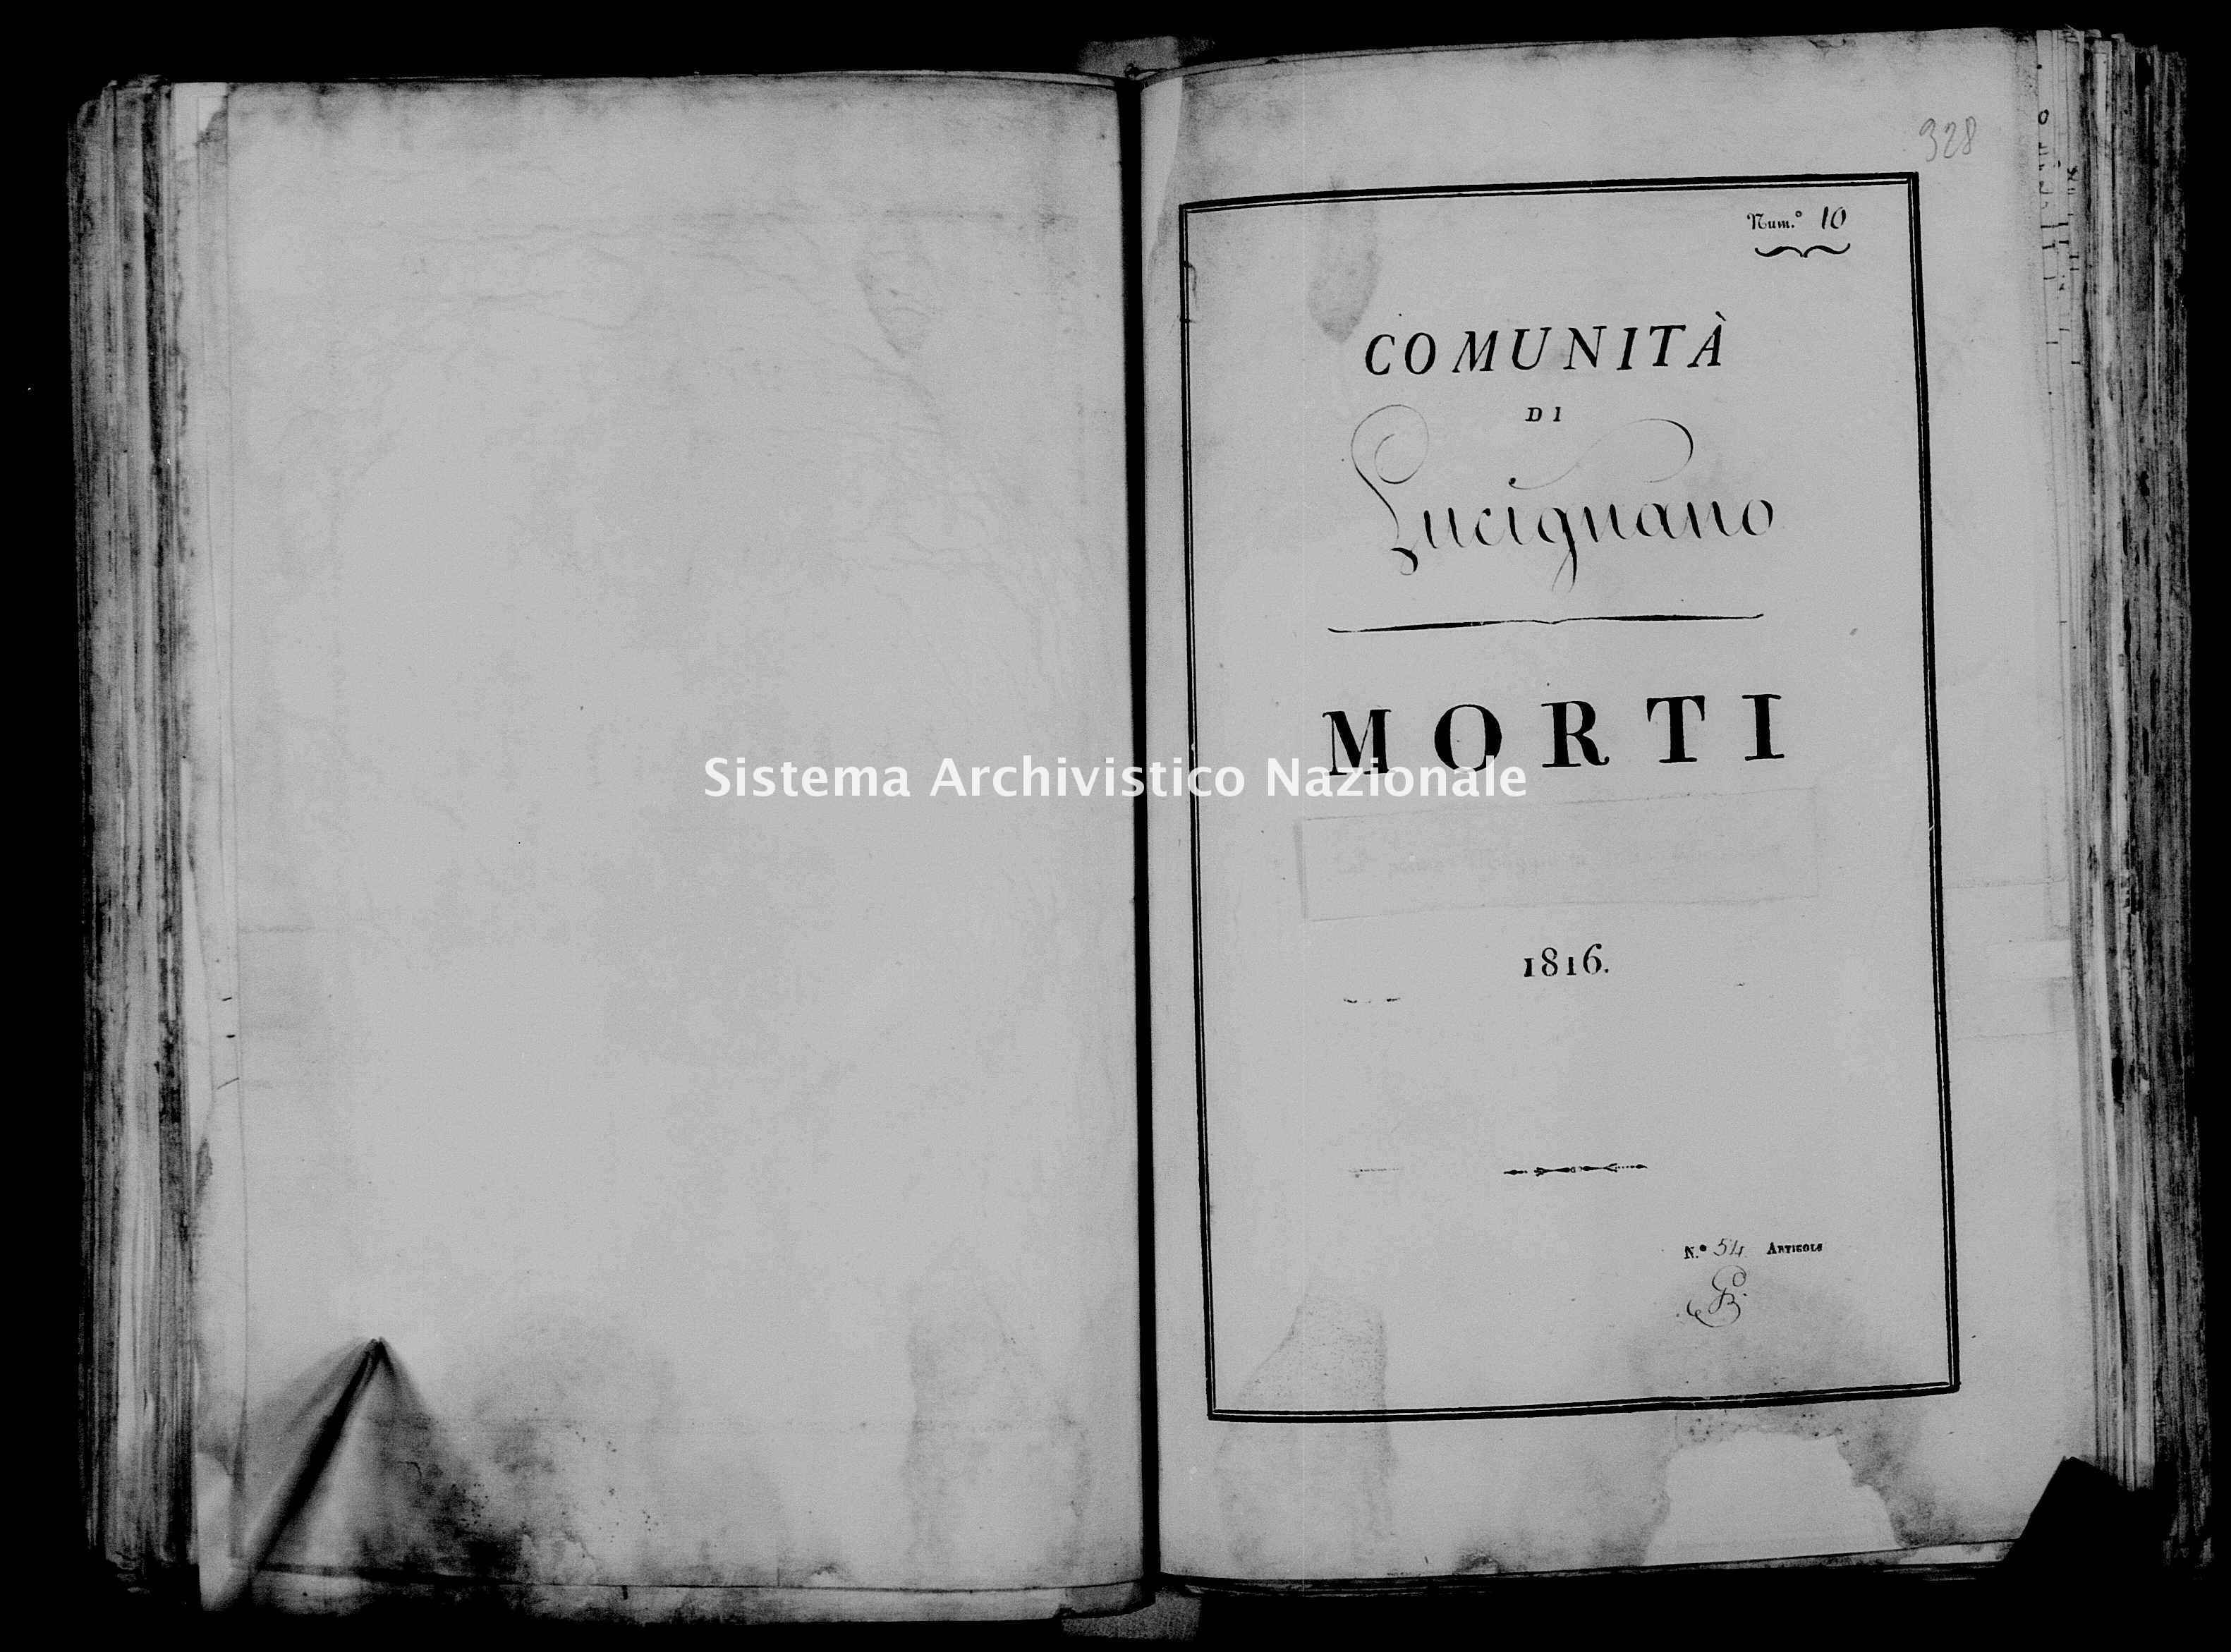 Archivio di stato di Firenze - Stato civile di Toscana (1808-1865) - Lucignano - Morti - 1816 - 37 -